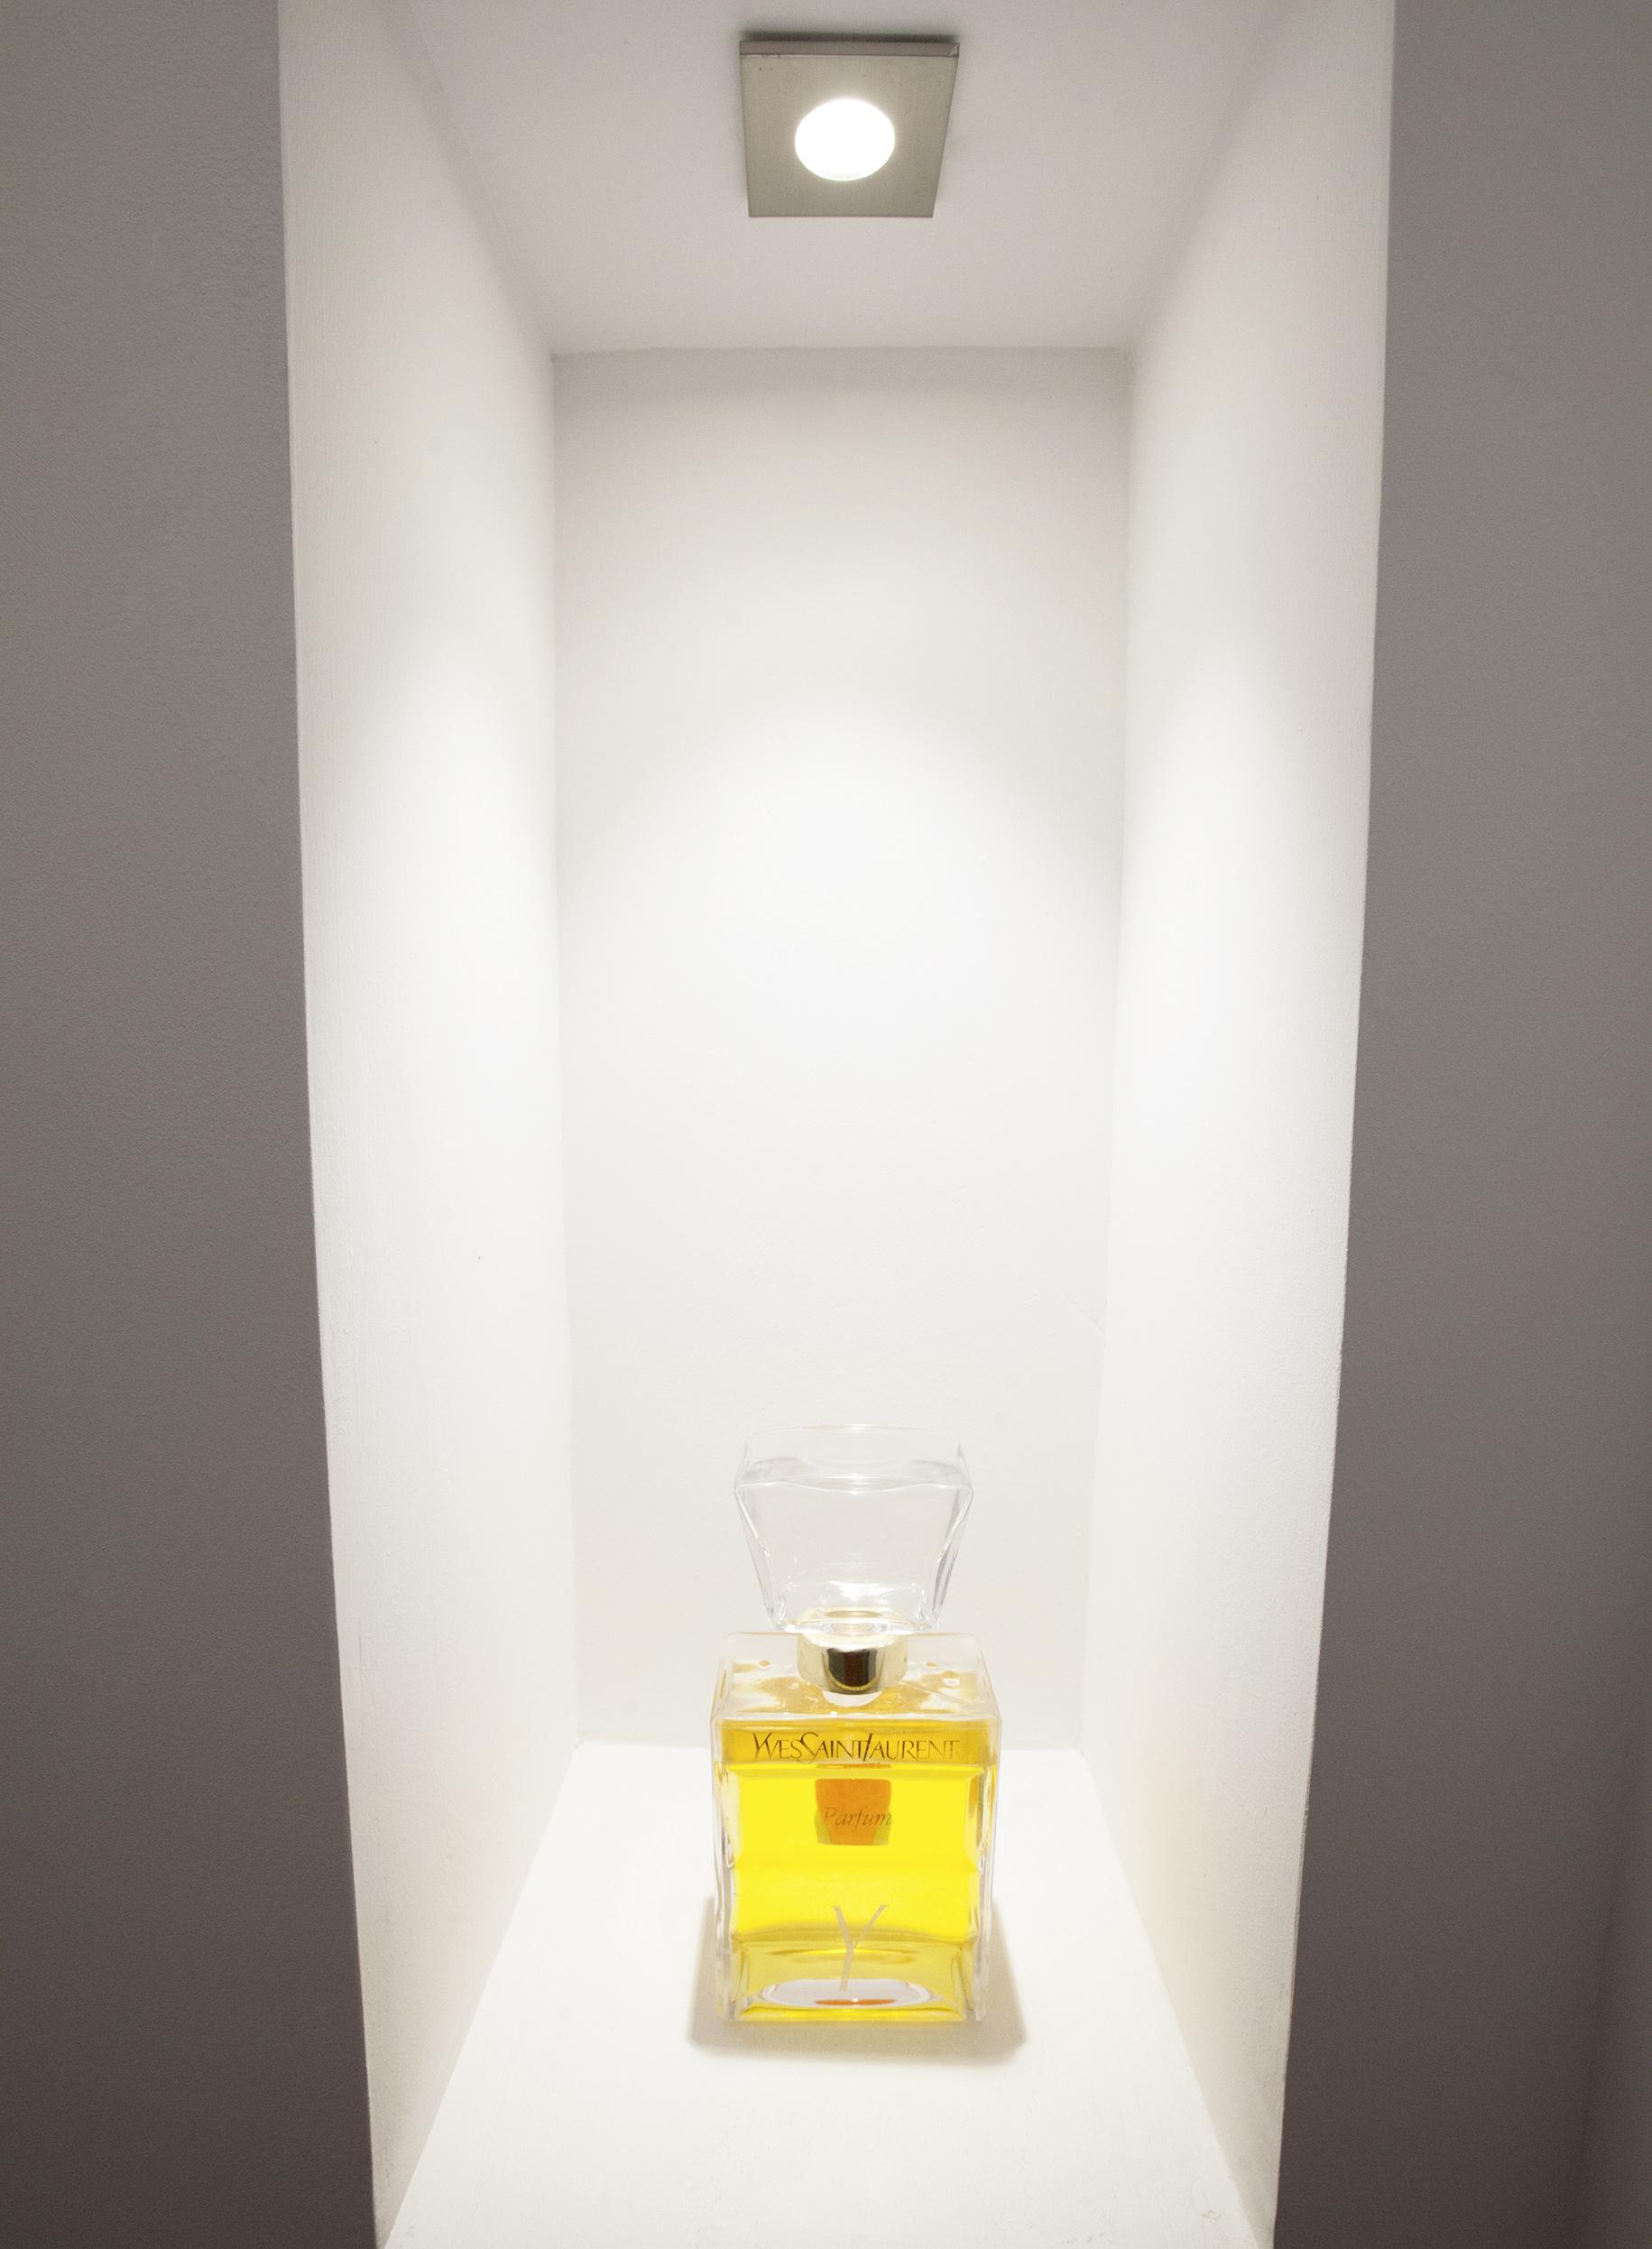 Mise en valeur d'un produit en parfumerie